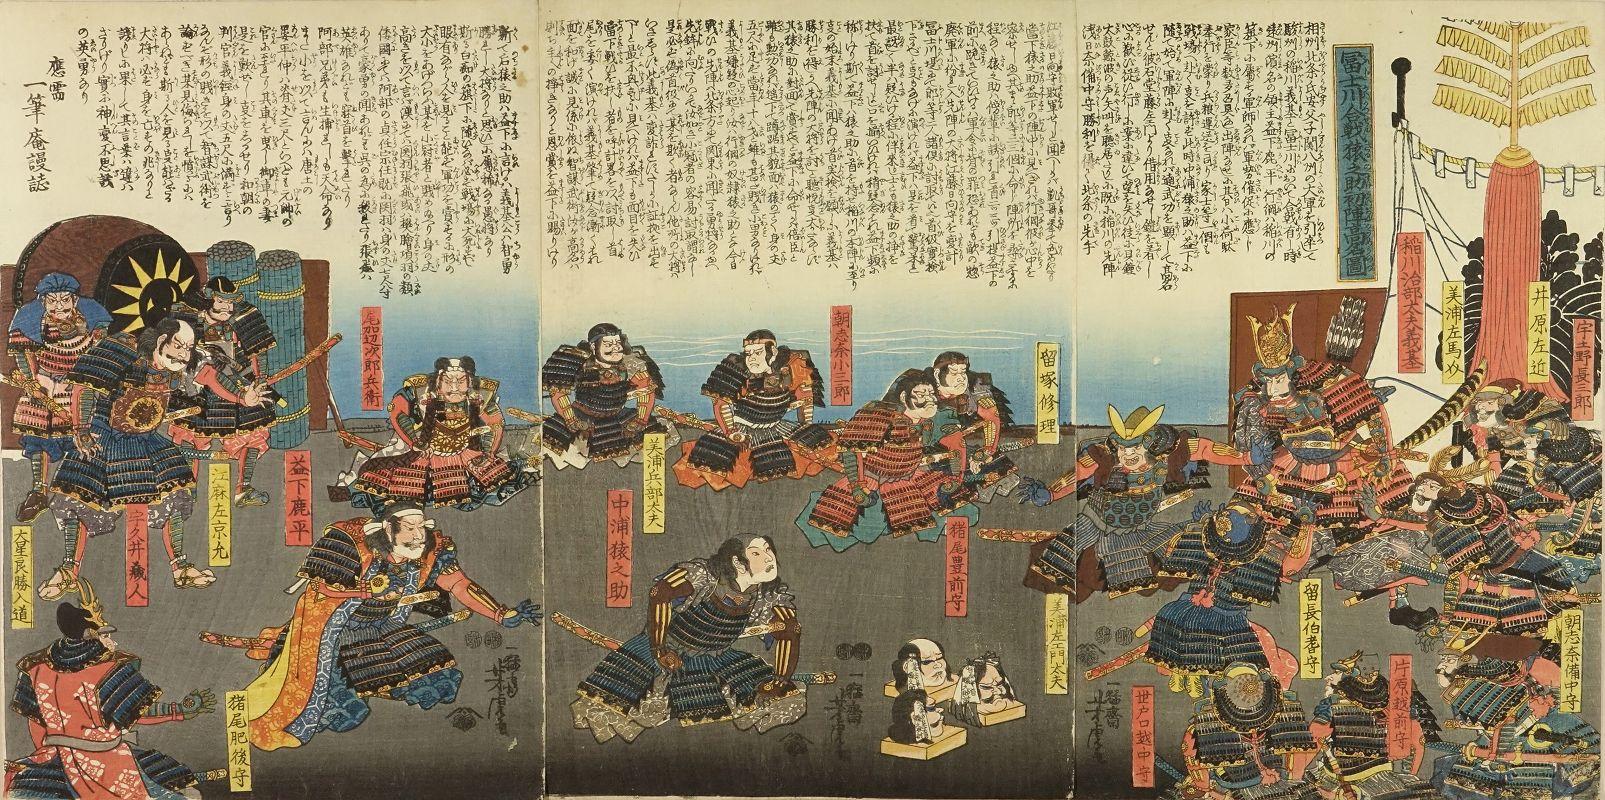 芳虎 富士川合戦猿之助初陣高名図